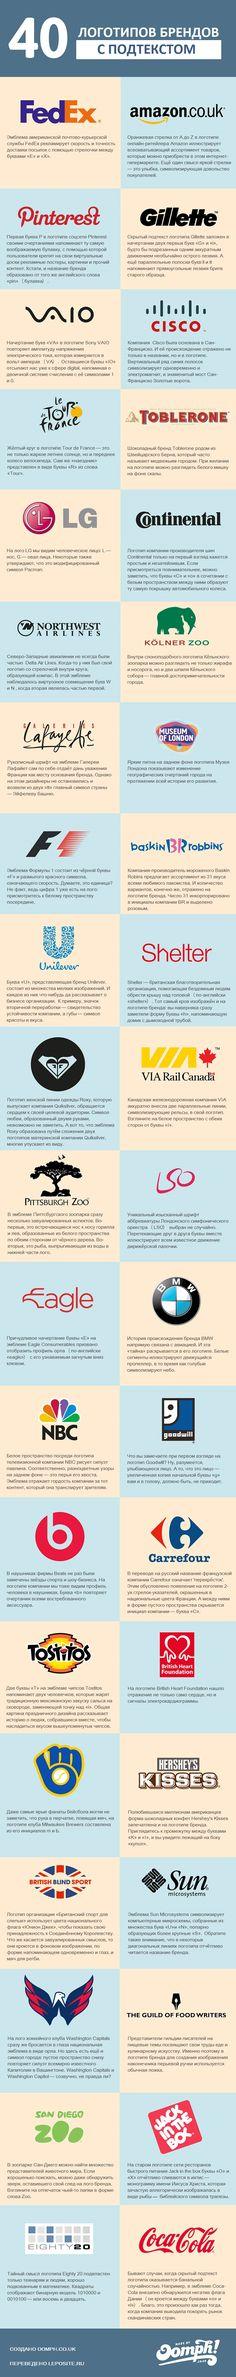 Ифографика: 40 логотипов брендов со скрытым смыслом